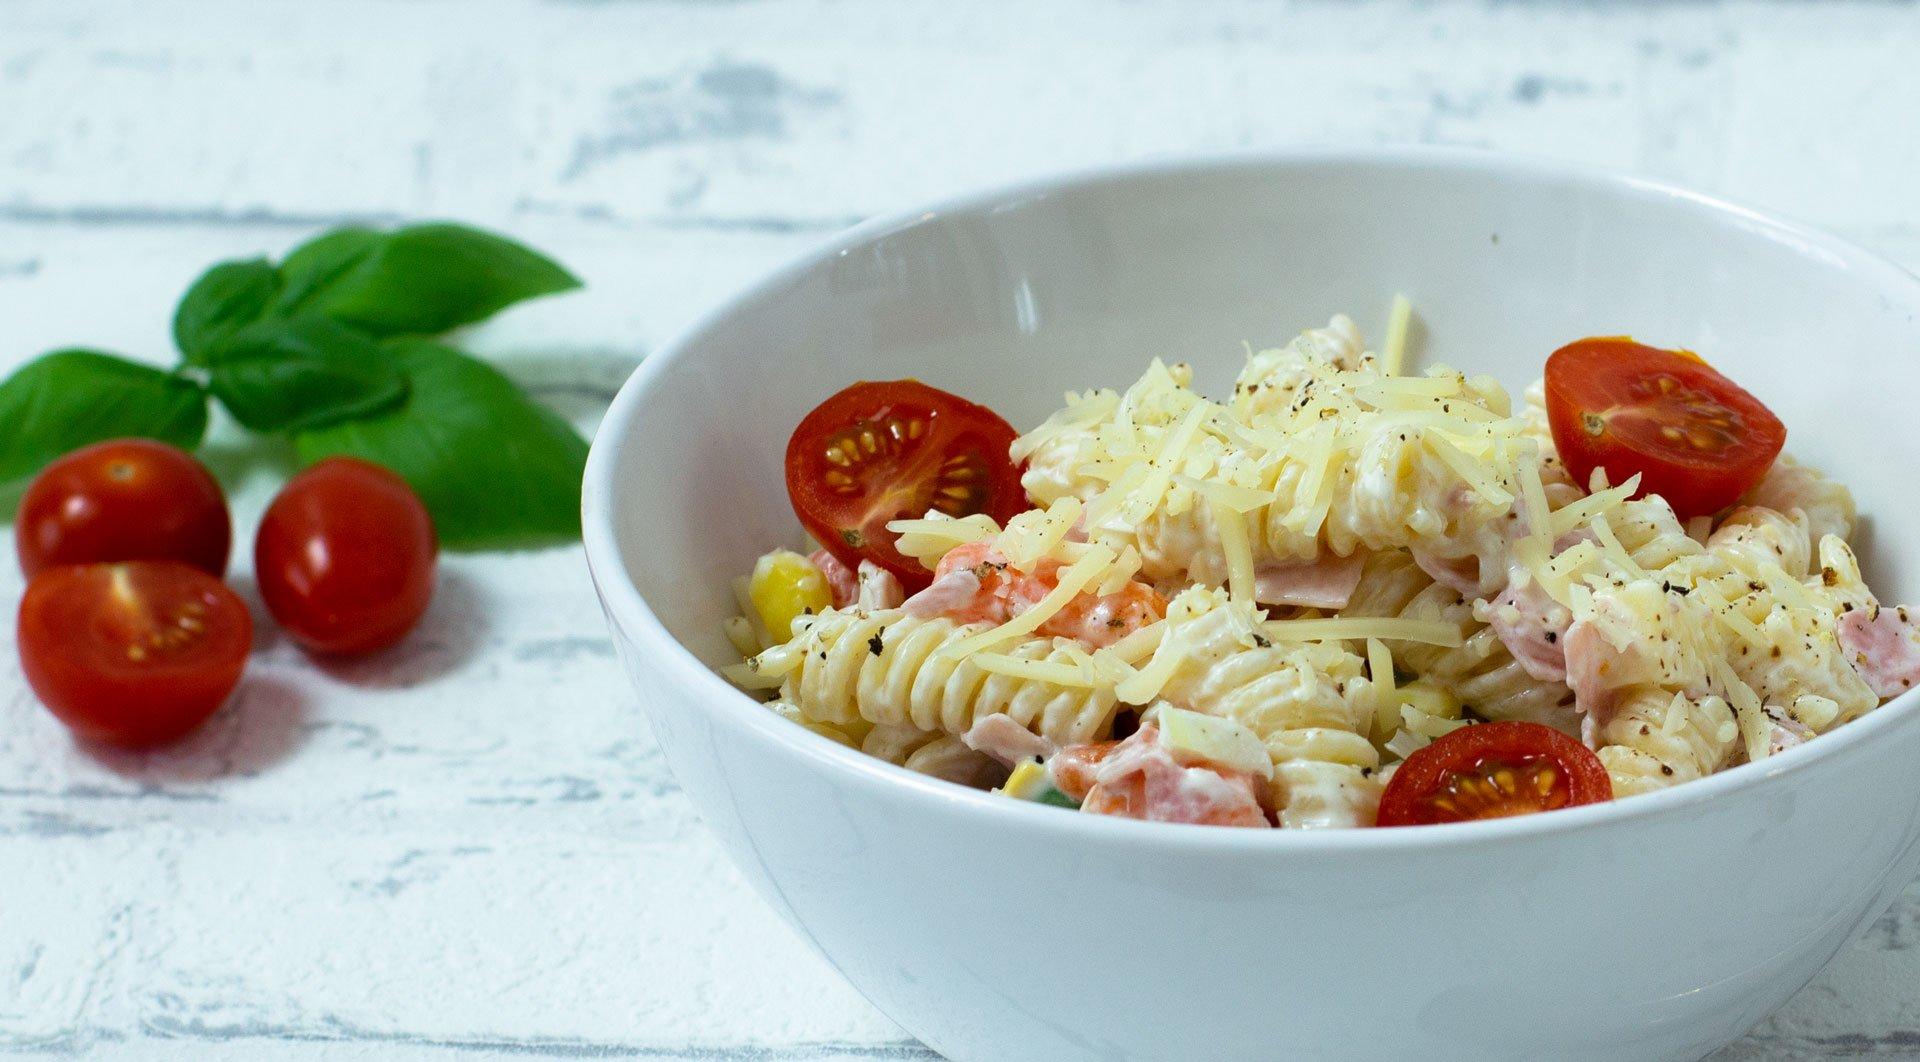 Nudelsalat mit frischen Tomaten und Käse bestreut